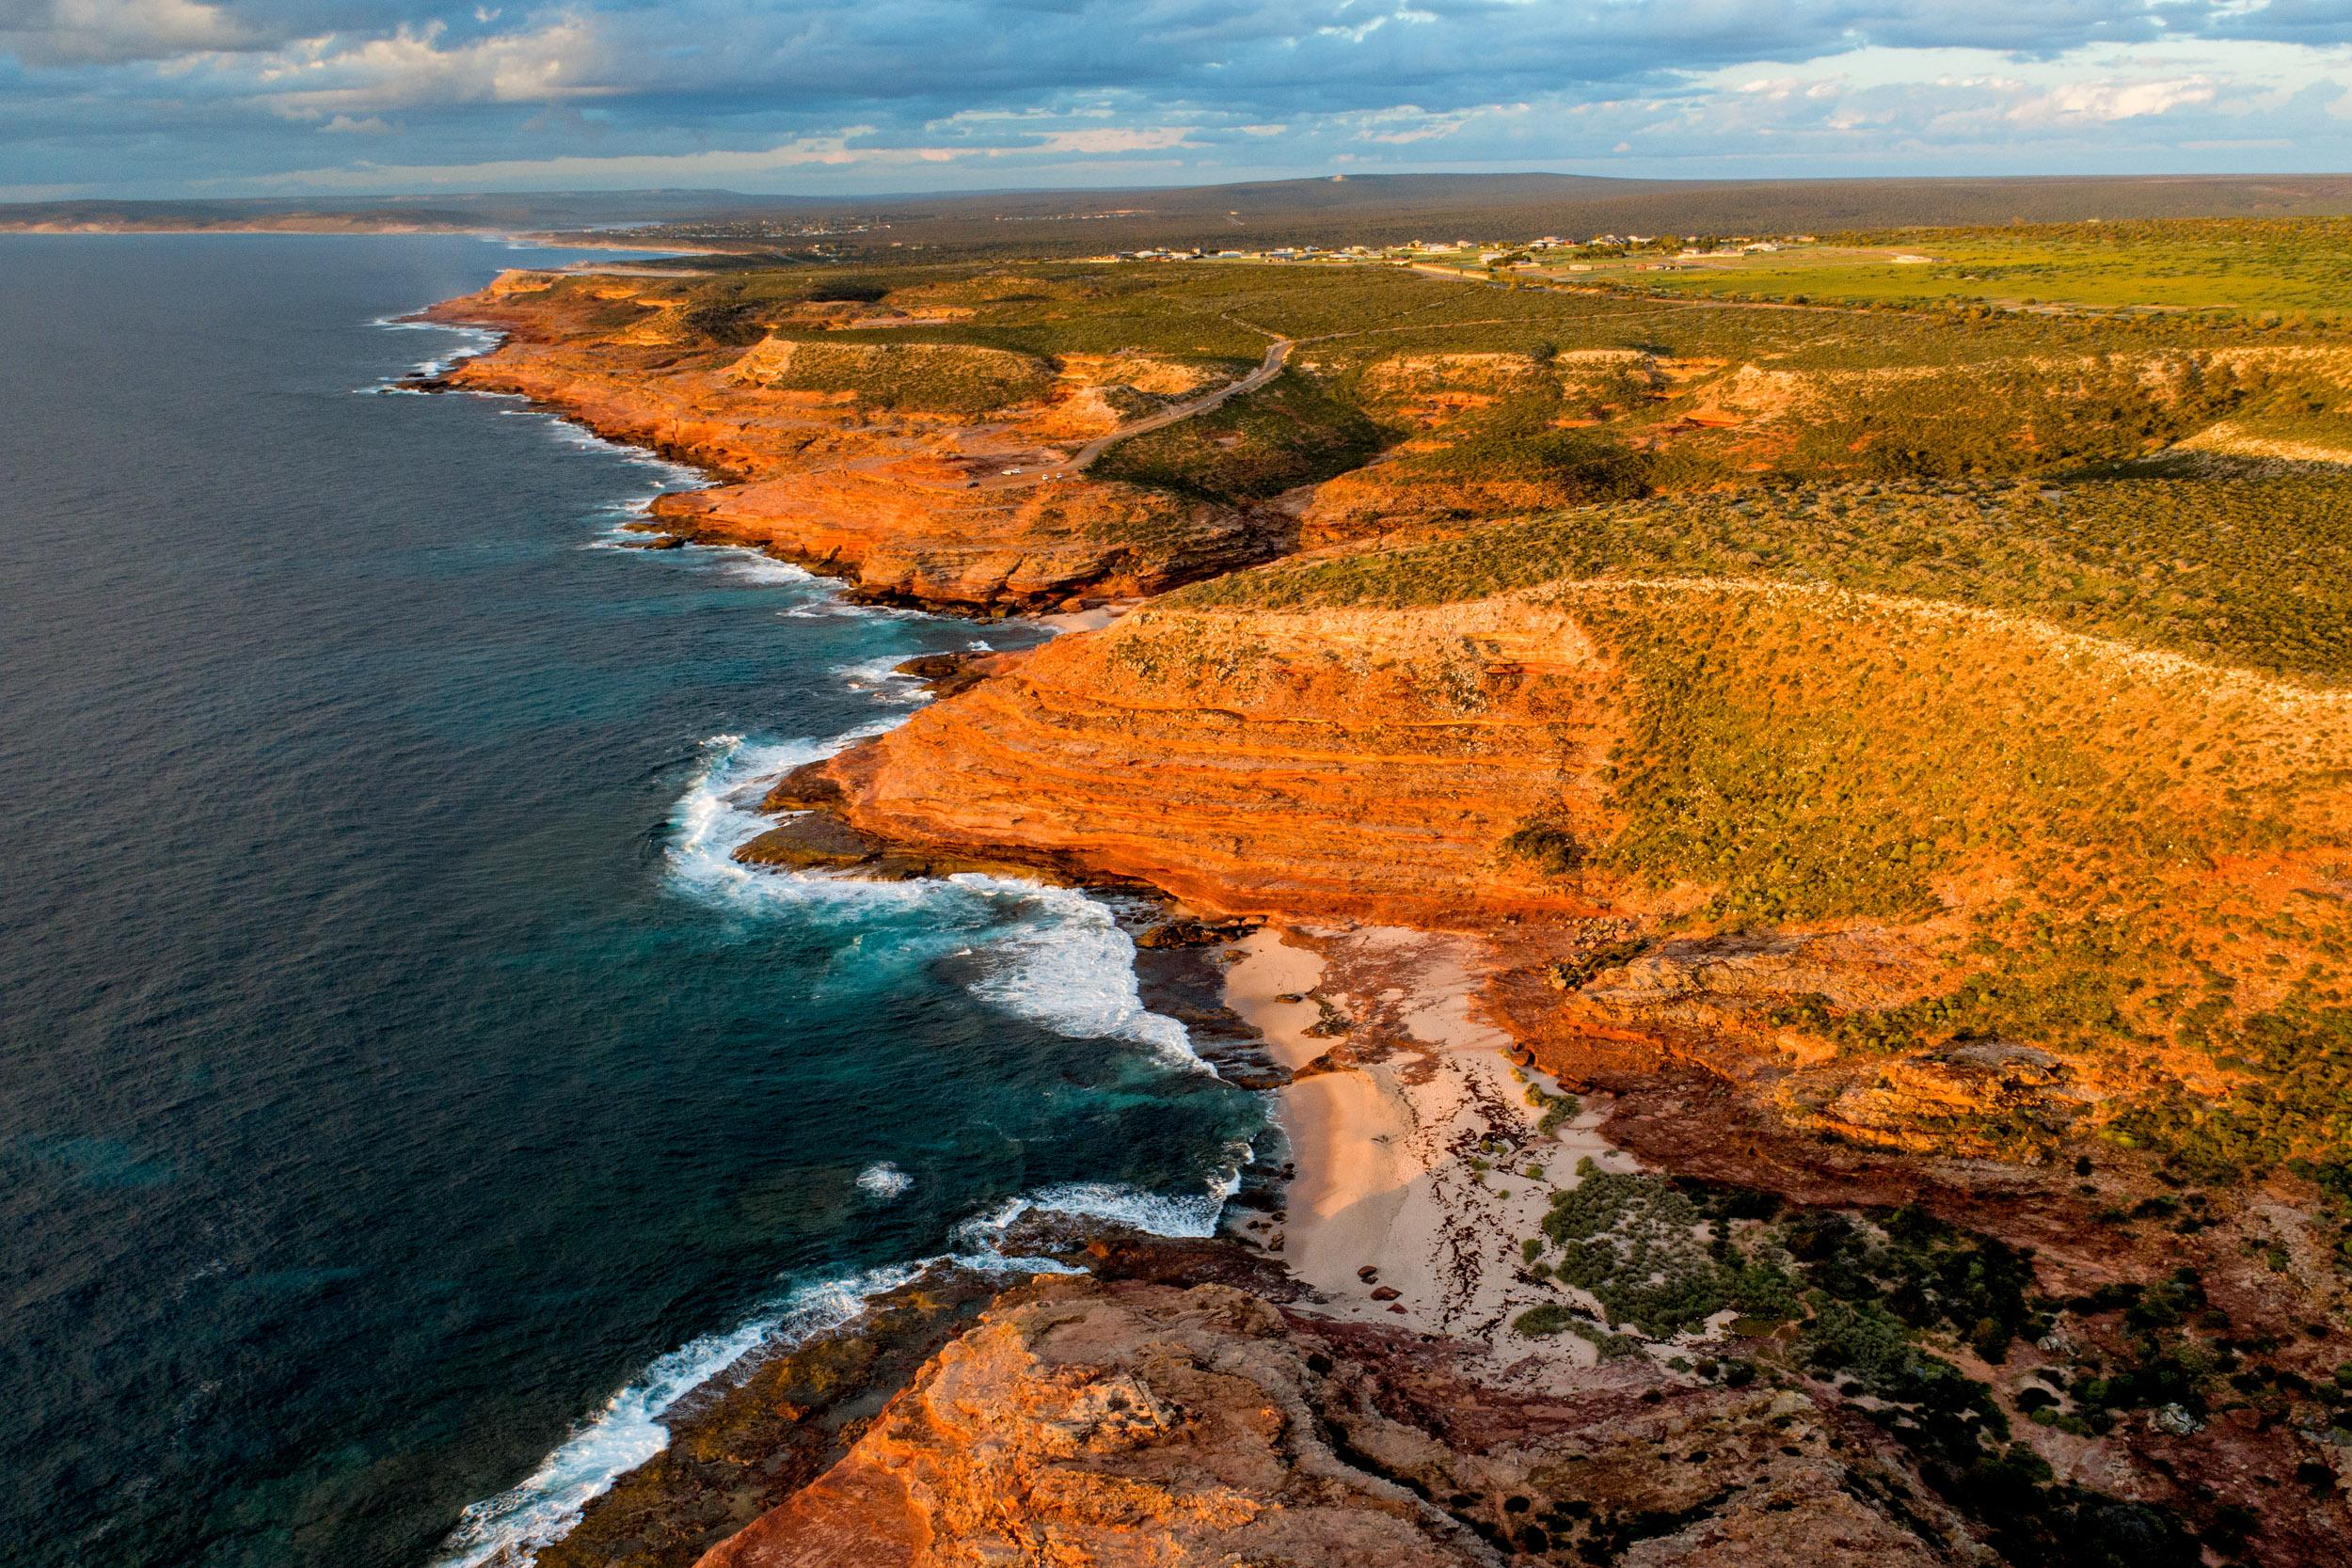 kalbarri-cliffs-aerial.jpg